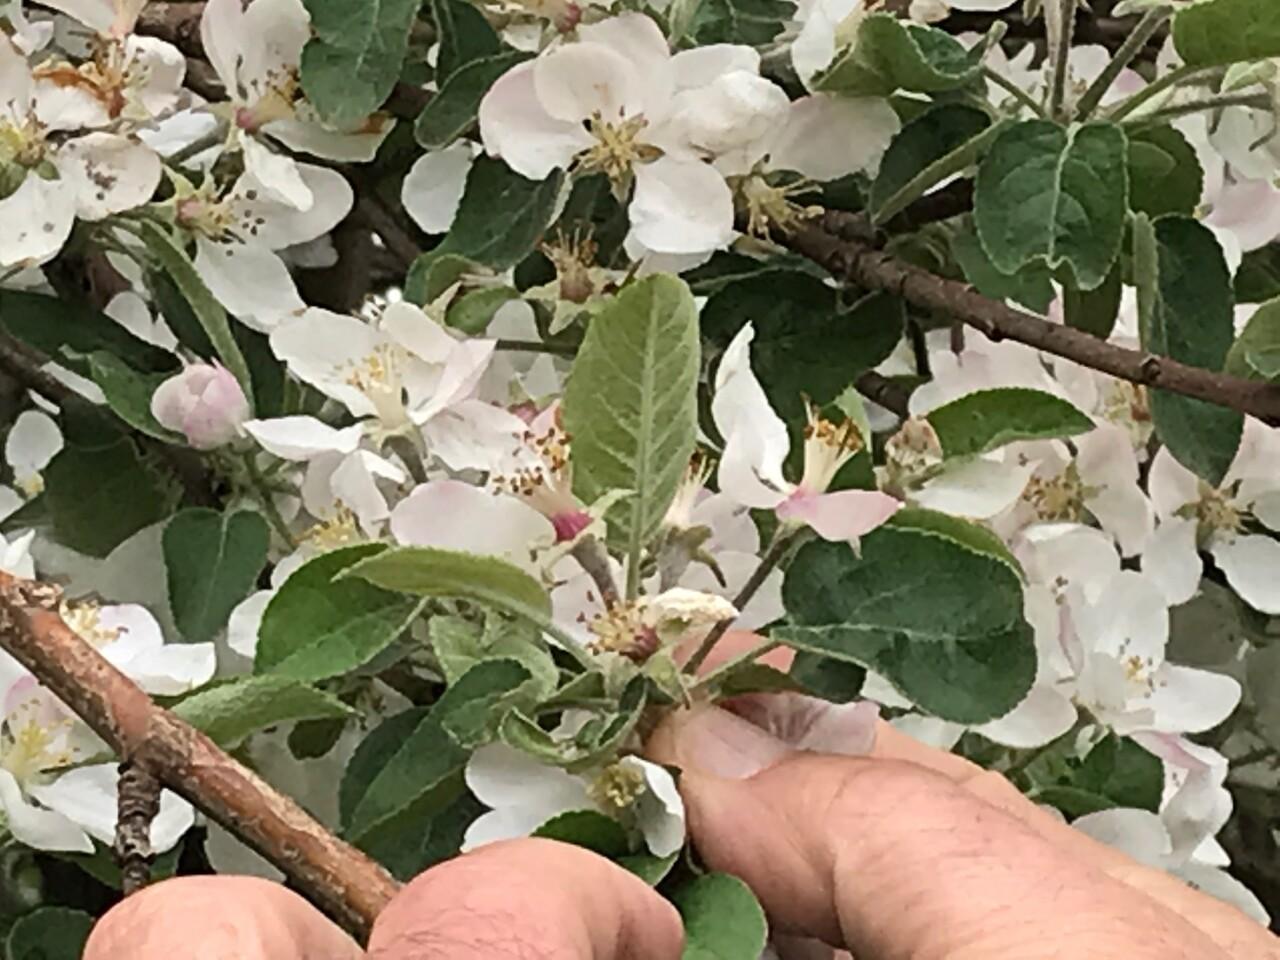 Apple Holler Apple Blossom - Tiny little Apples